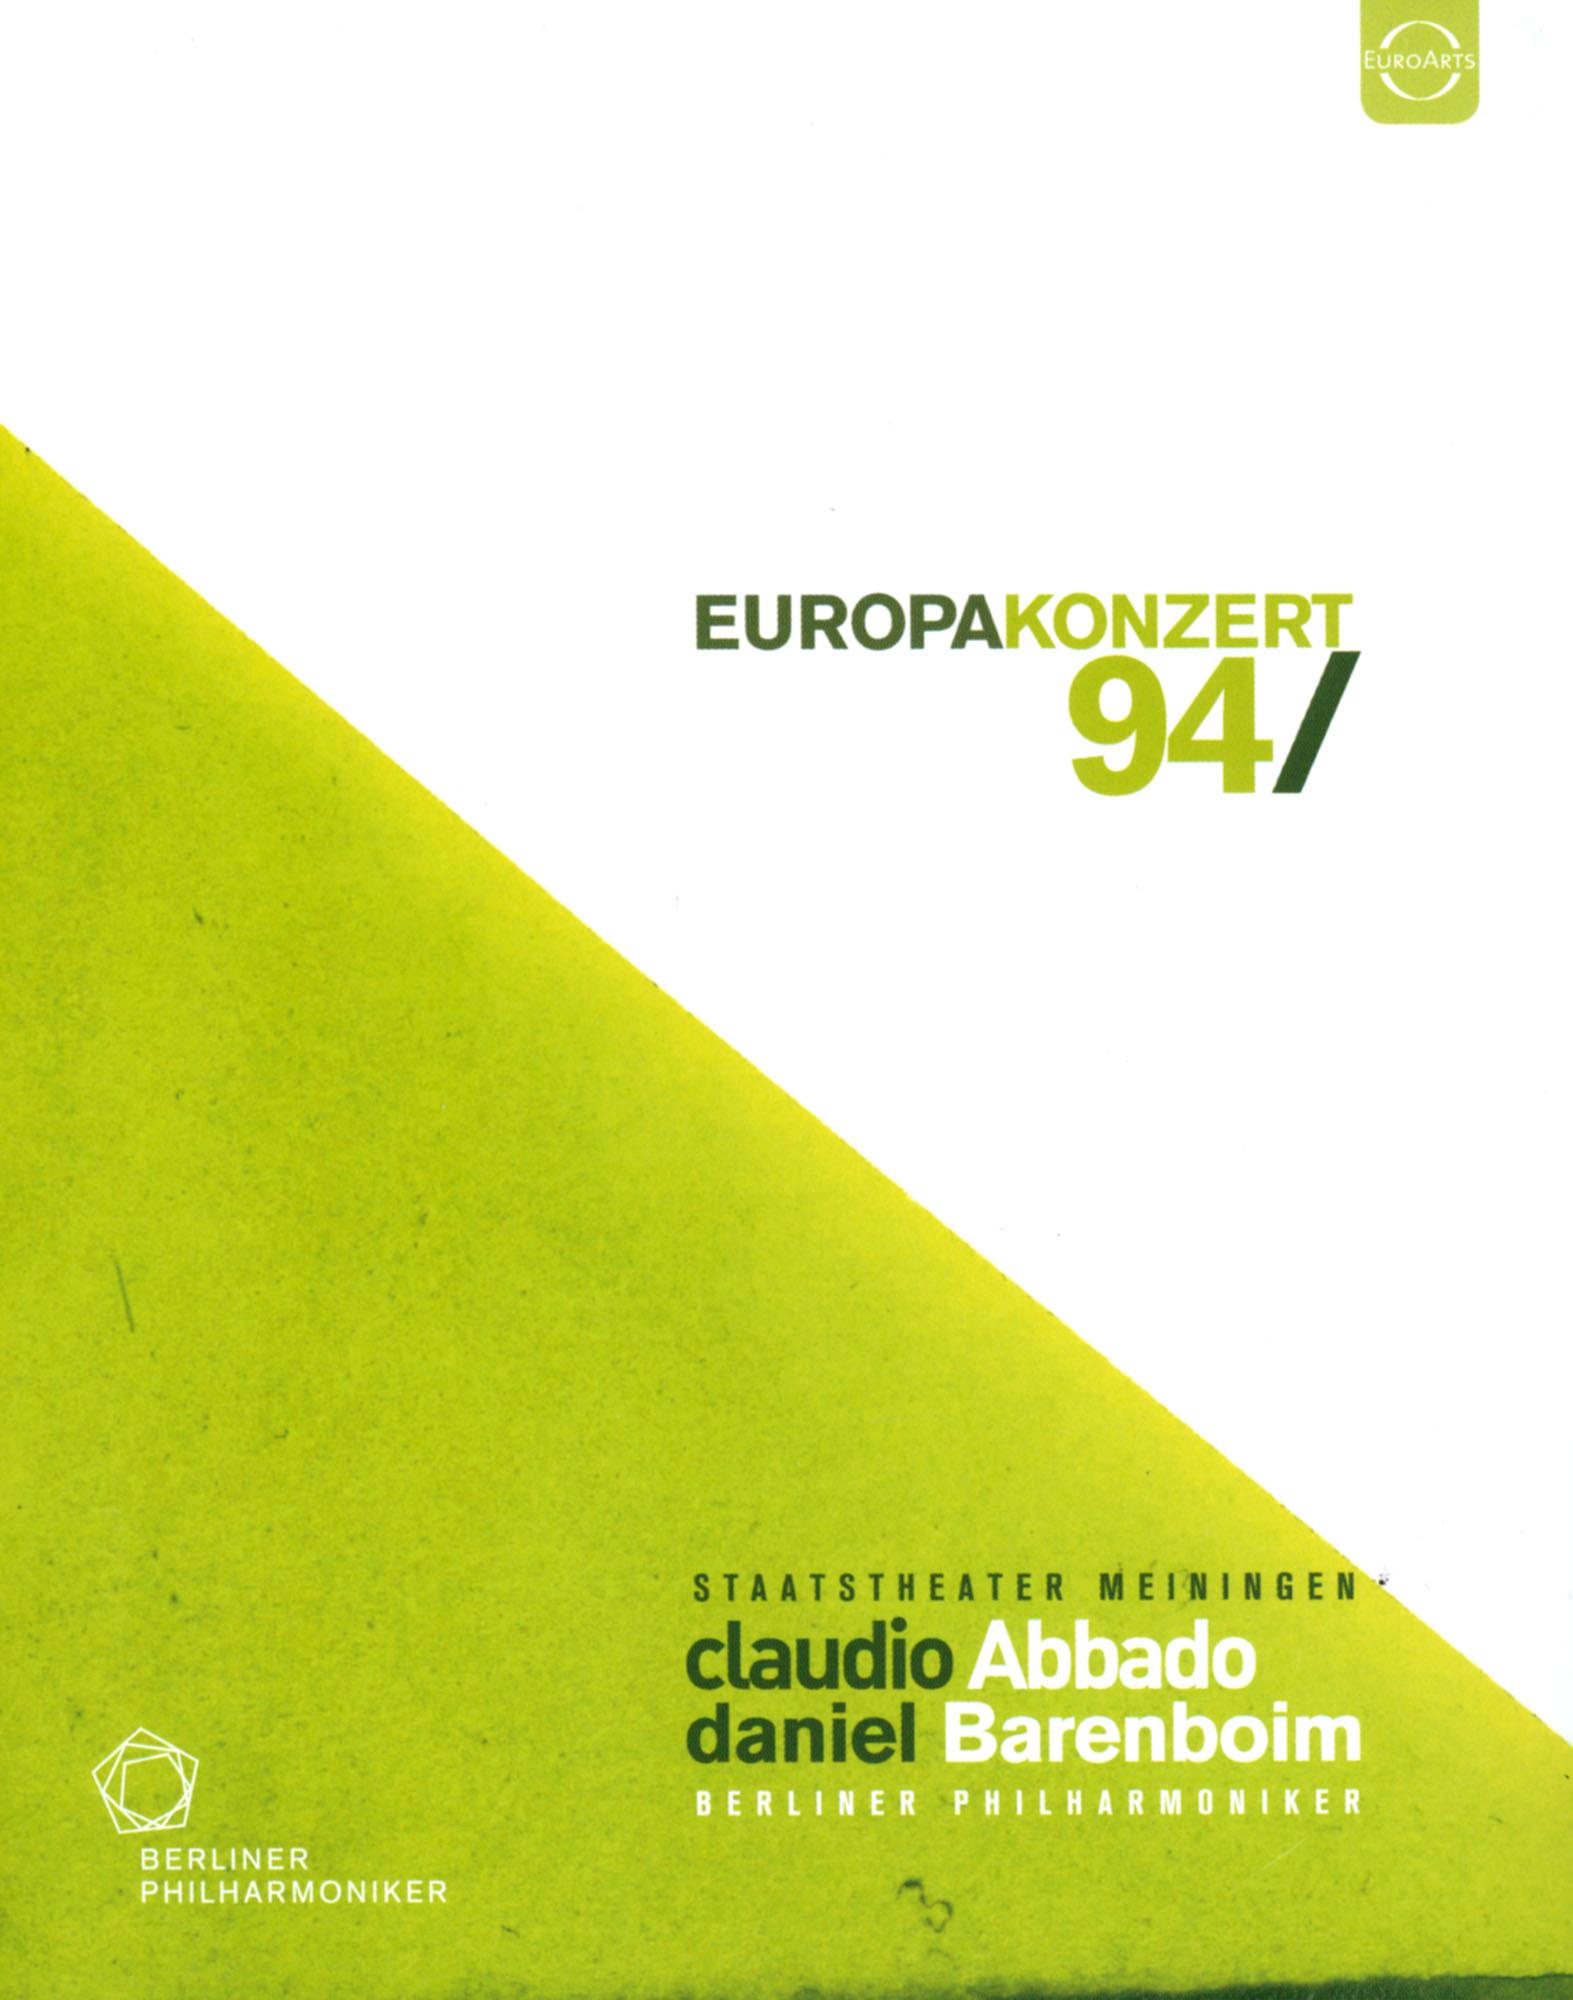 Europa Konzert 94